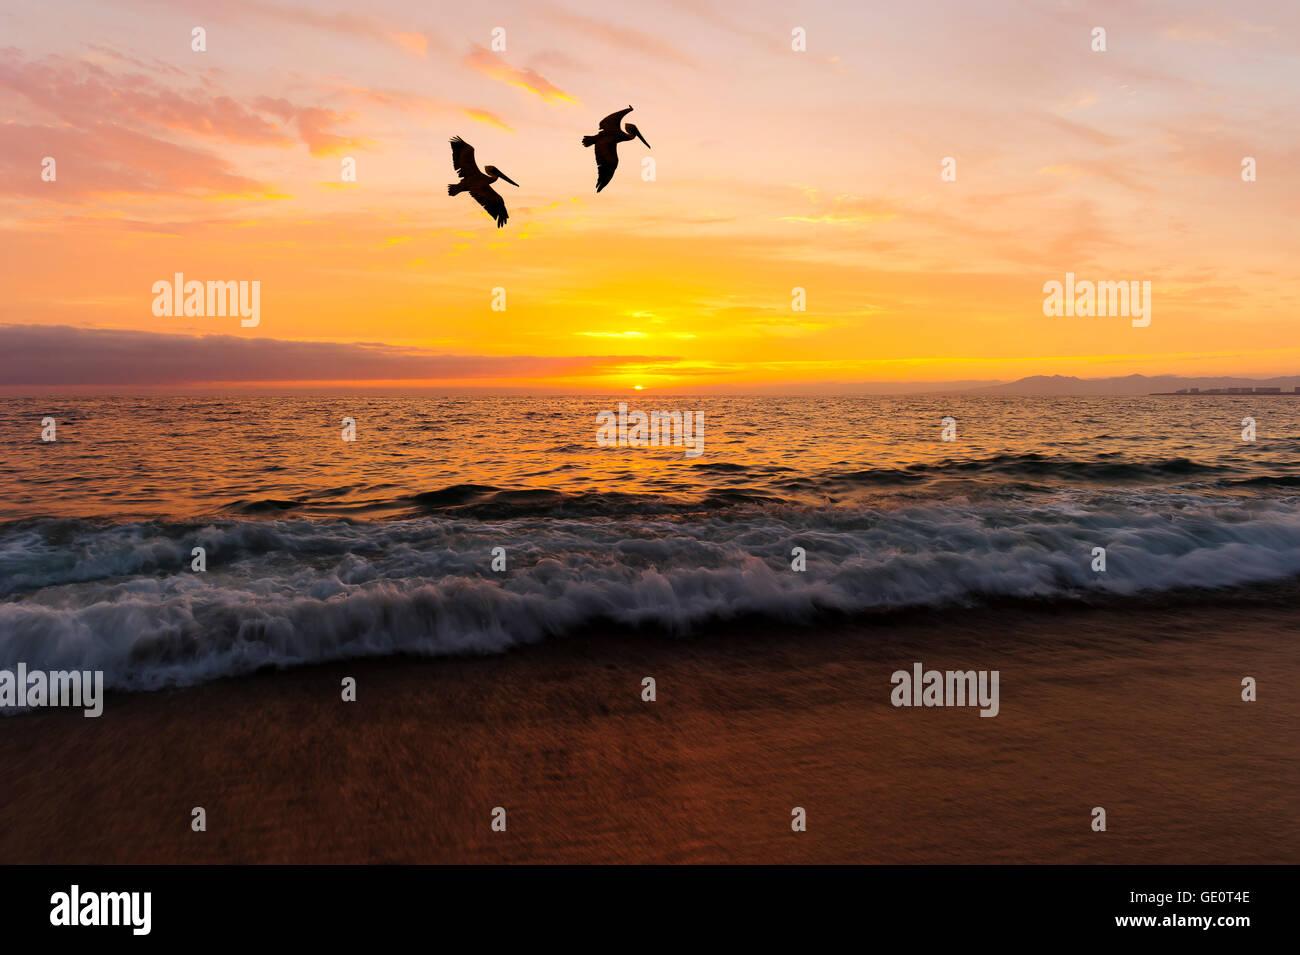 Silhouettes d'oiseaux est deux gros oiseaux de voler contre un vif et coloré de soleil de l'océan Photo Stock